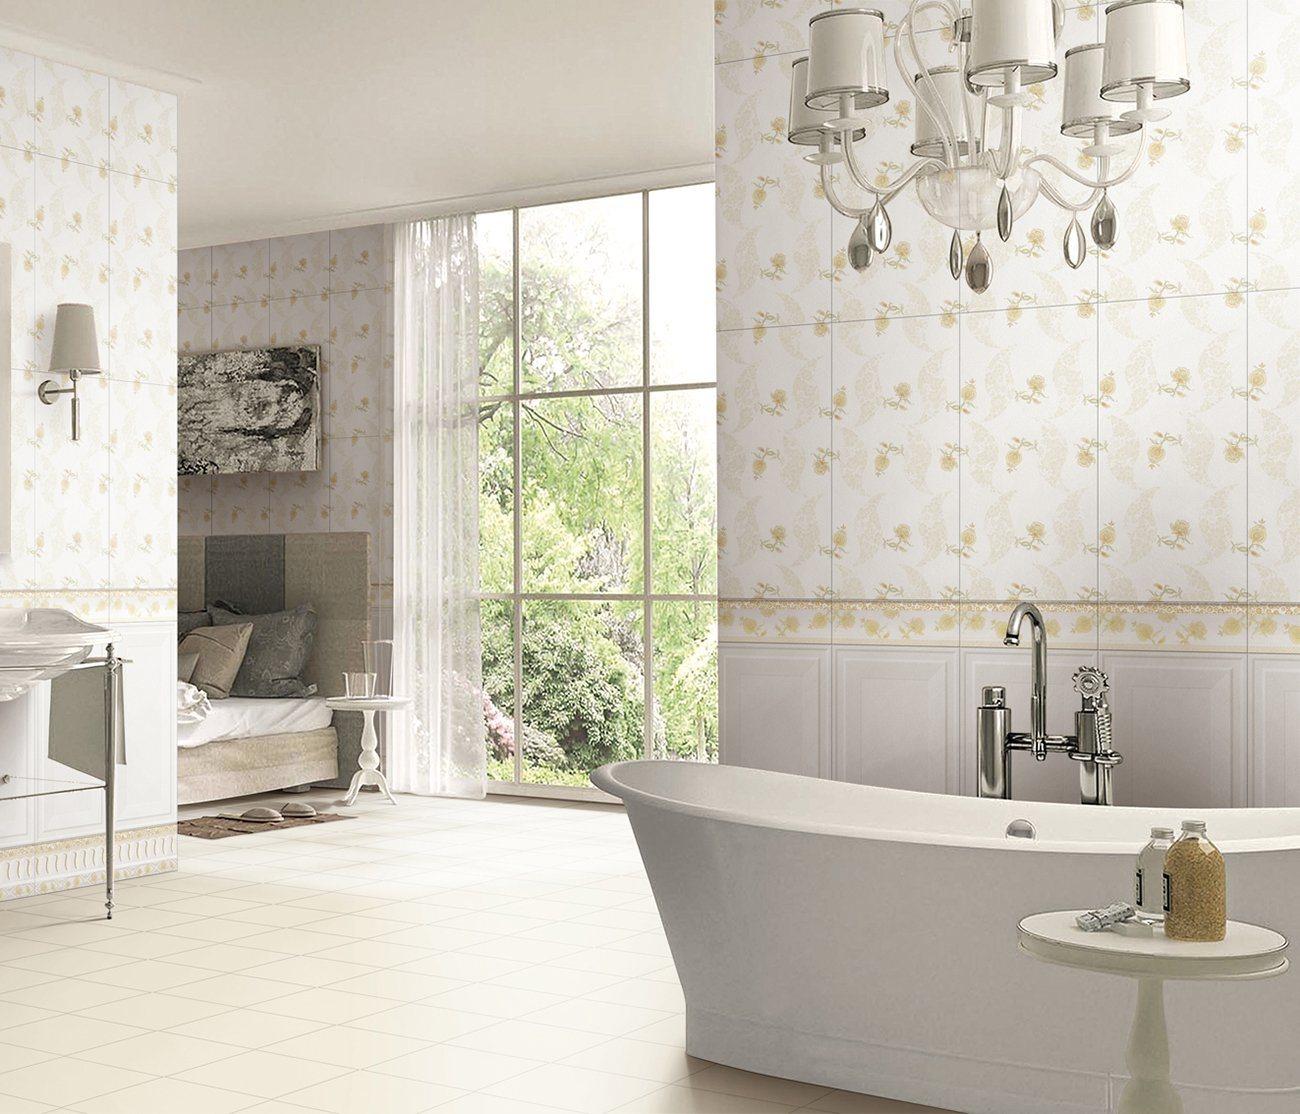 Papier Salle De Bain chine foshan le papier peint salle de bains et cuisine en